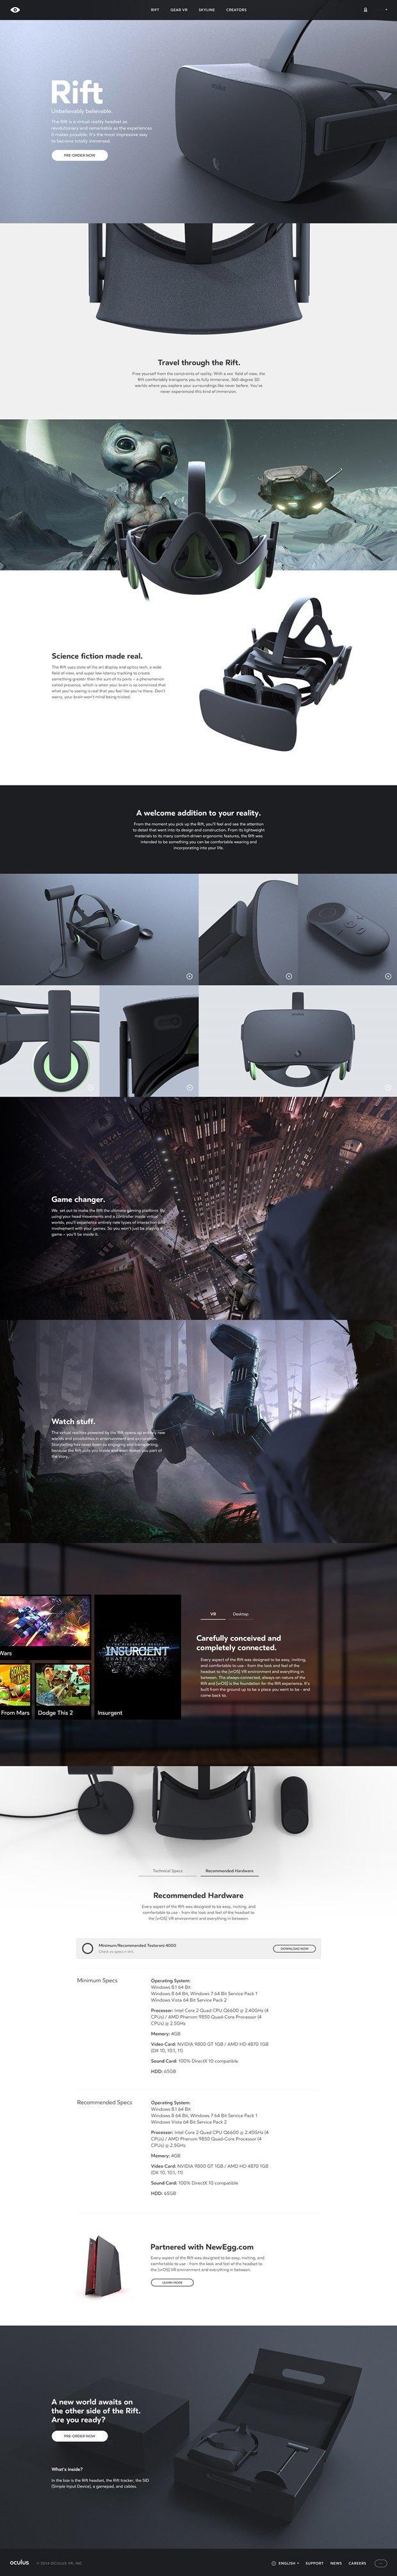 Появились фото прототипа финальной версии Oculus Rift . Изображение № 6.